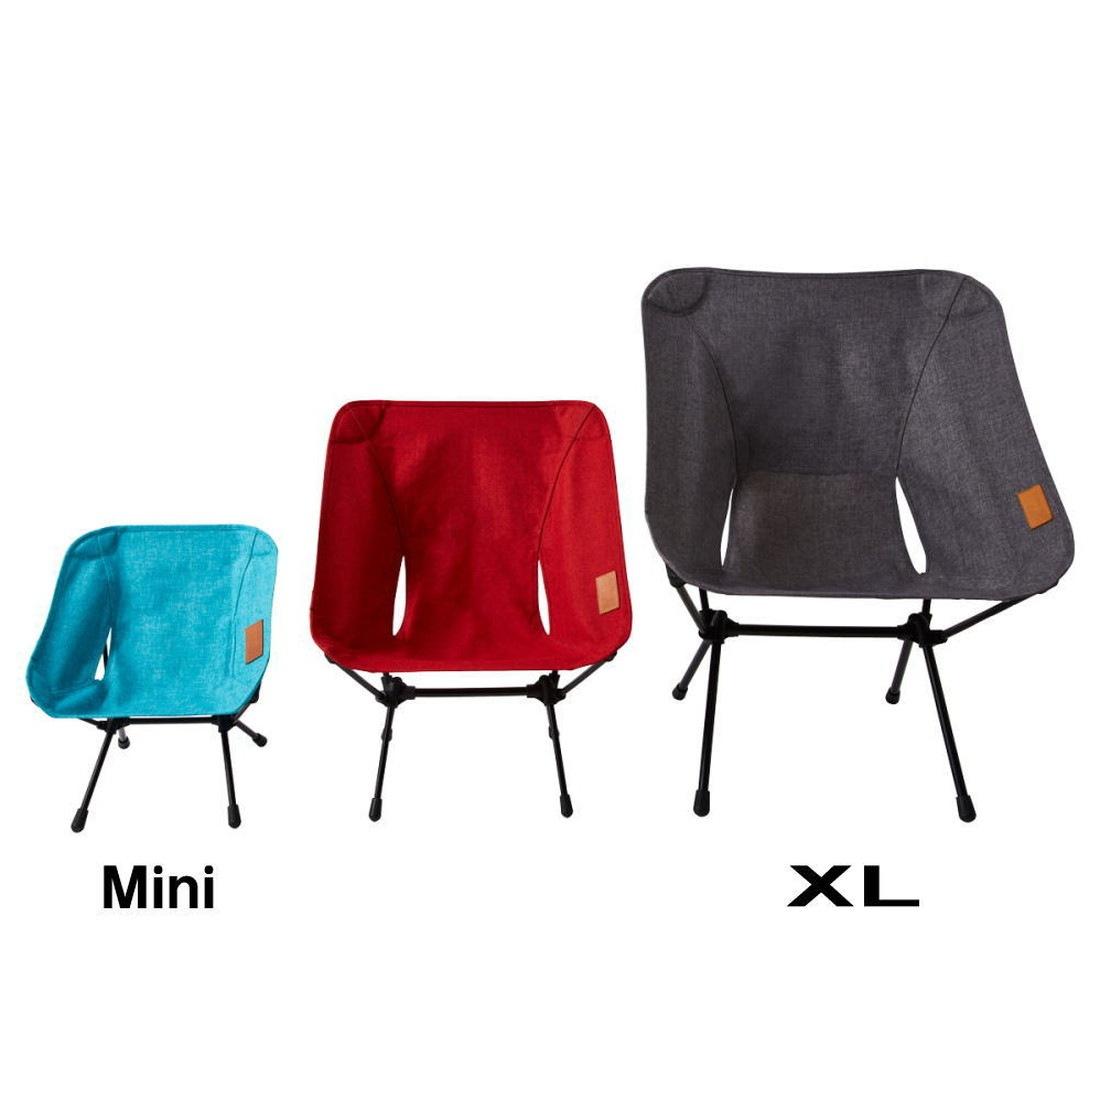 ヘリノックス チェアホーム ミニ 折りたたみ椅子チェアー  国内正規品